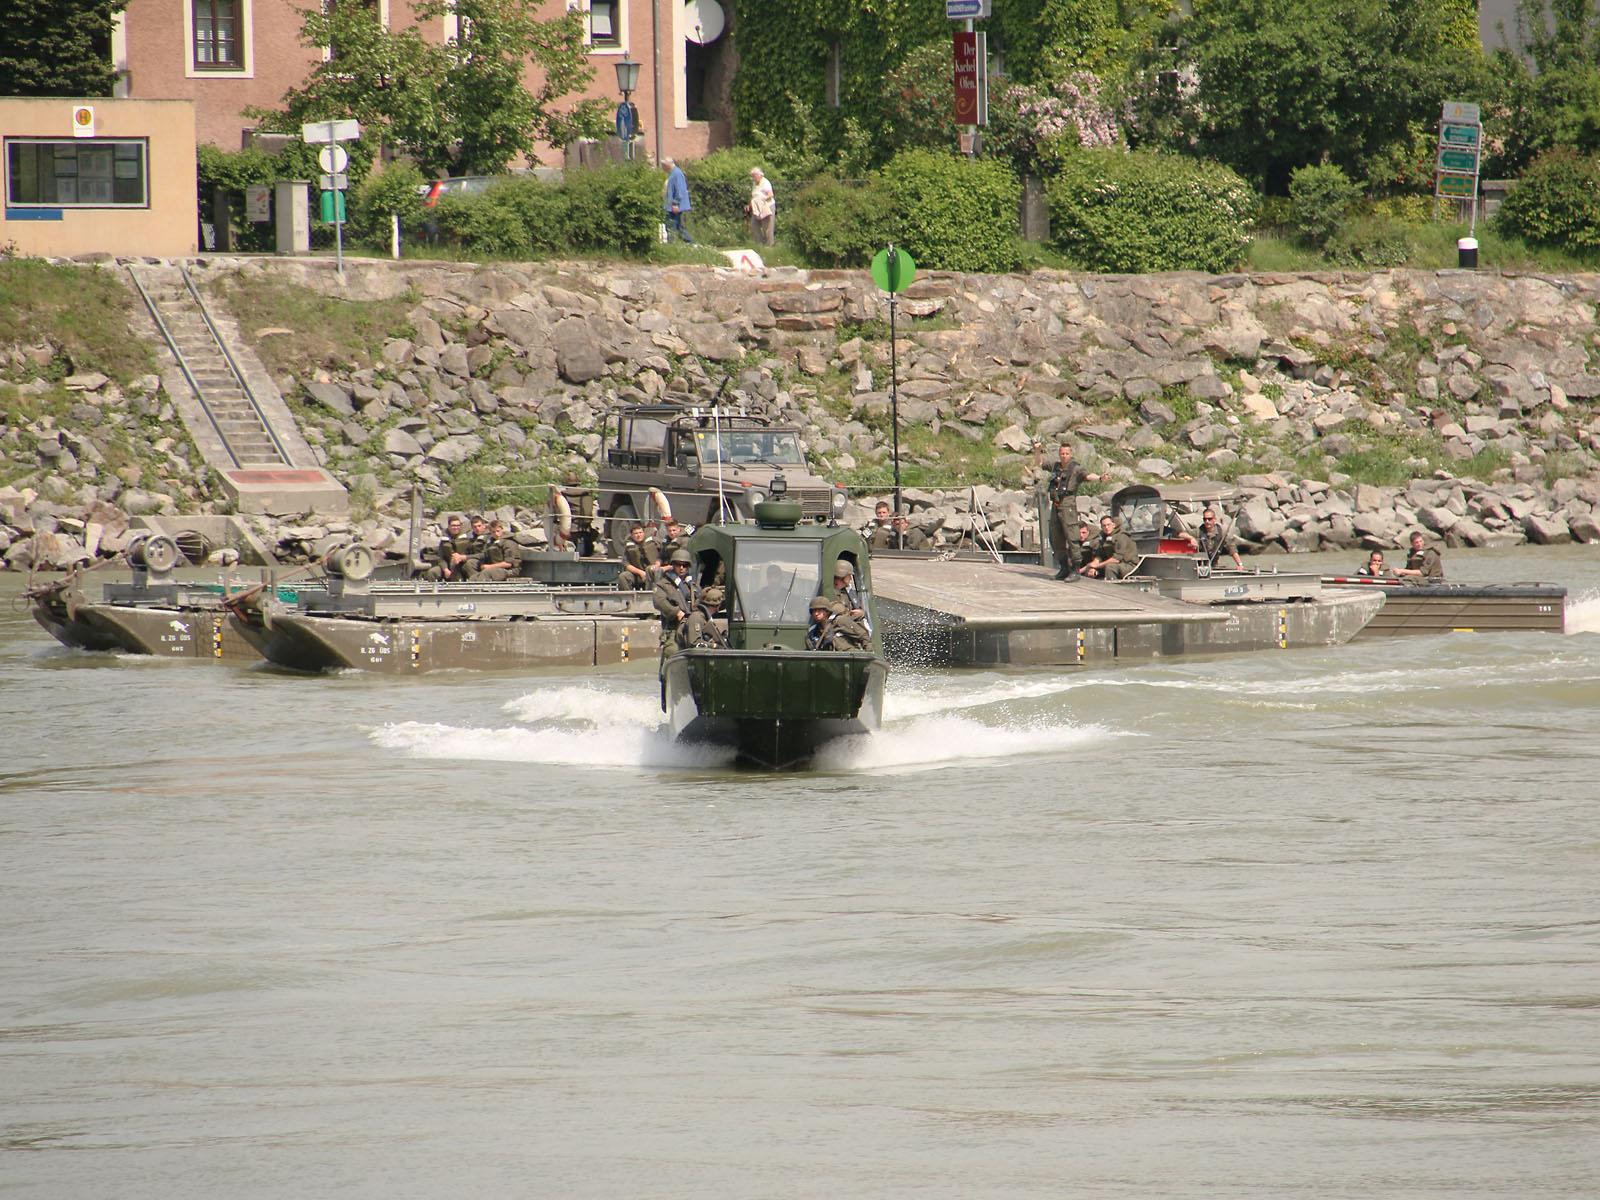 Zuerst greifen die Arbeits- und Transportboote an © Doppeladler.com